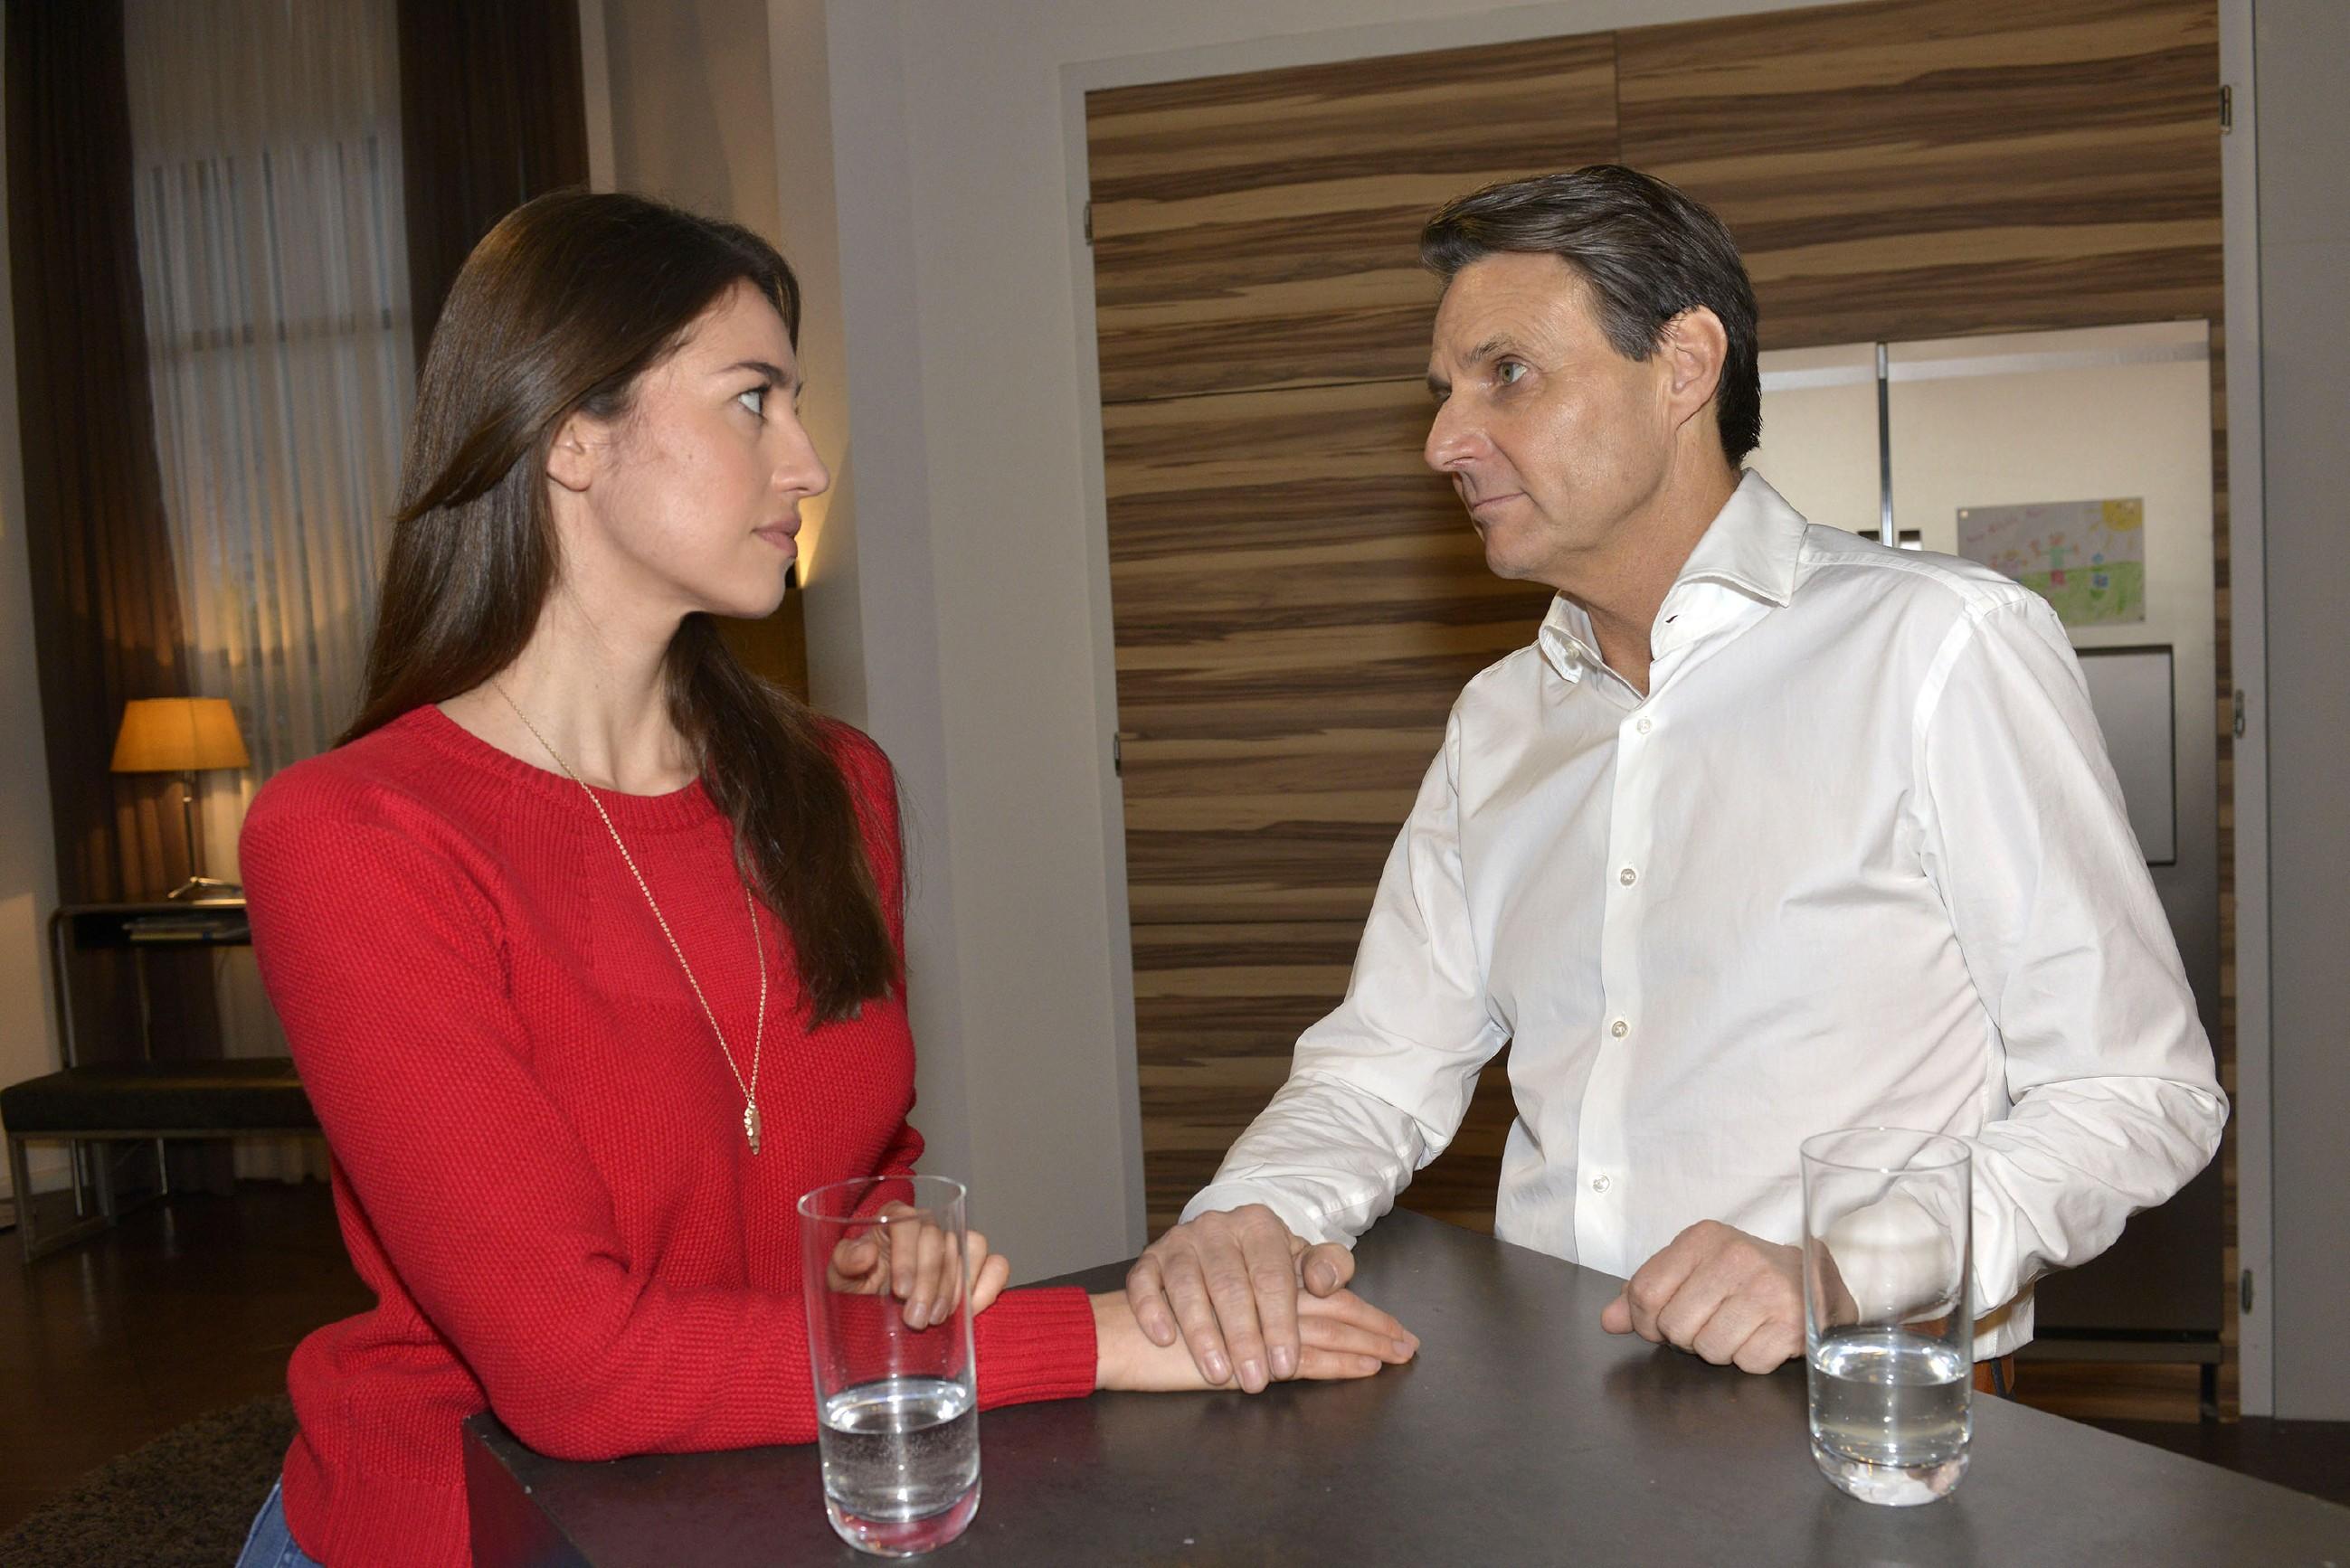 Als Gerner (Wolfgang Bahro) Elena (Elena Garcia Gerlach) seine Sorge um Katrin anvertraut, geht ihr unwillkürlich das Herz auf.